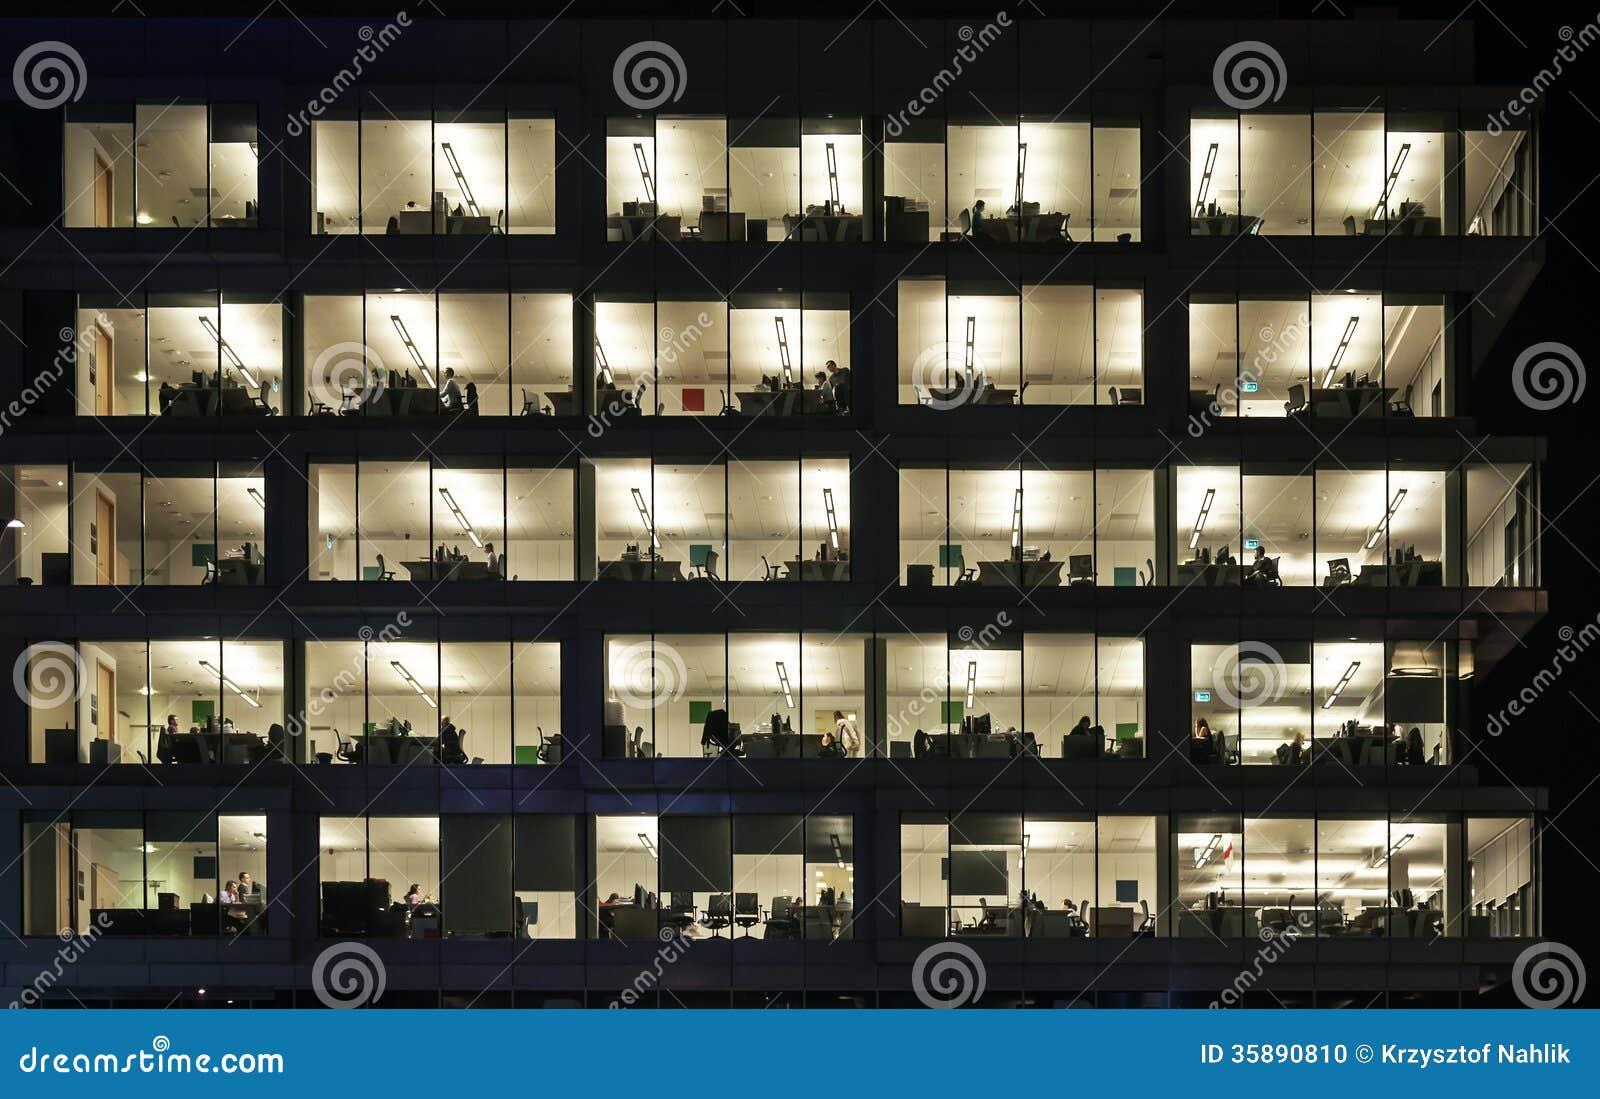 在办公大楼的夜班